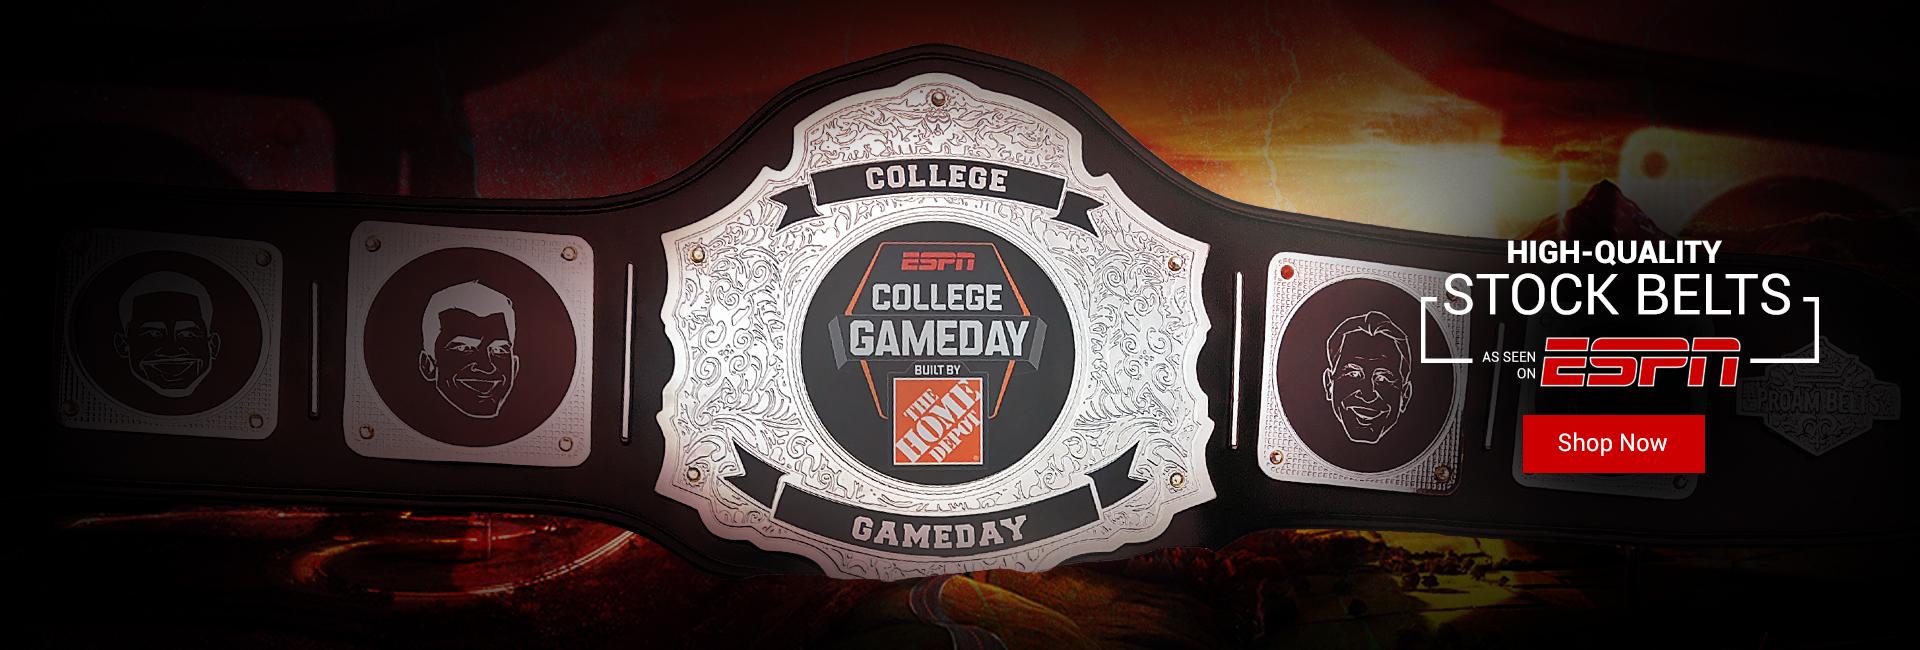 Stock Belts: As seen on ESPN